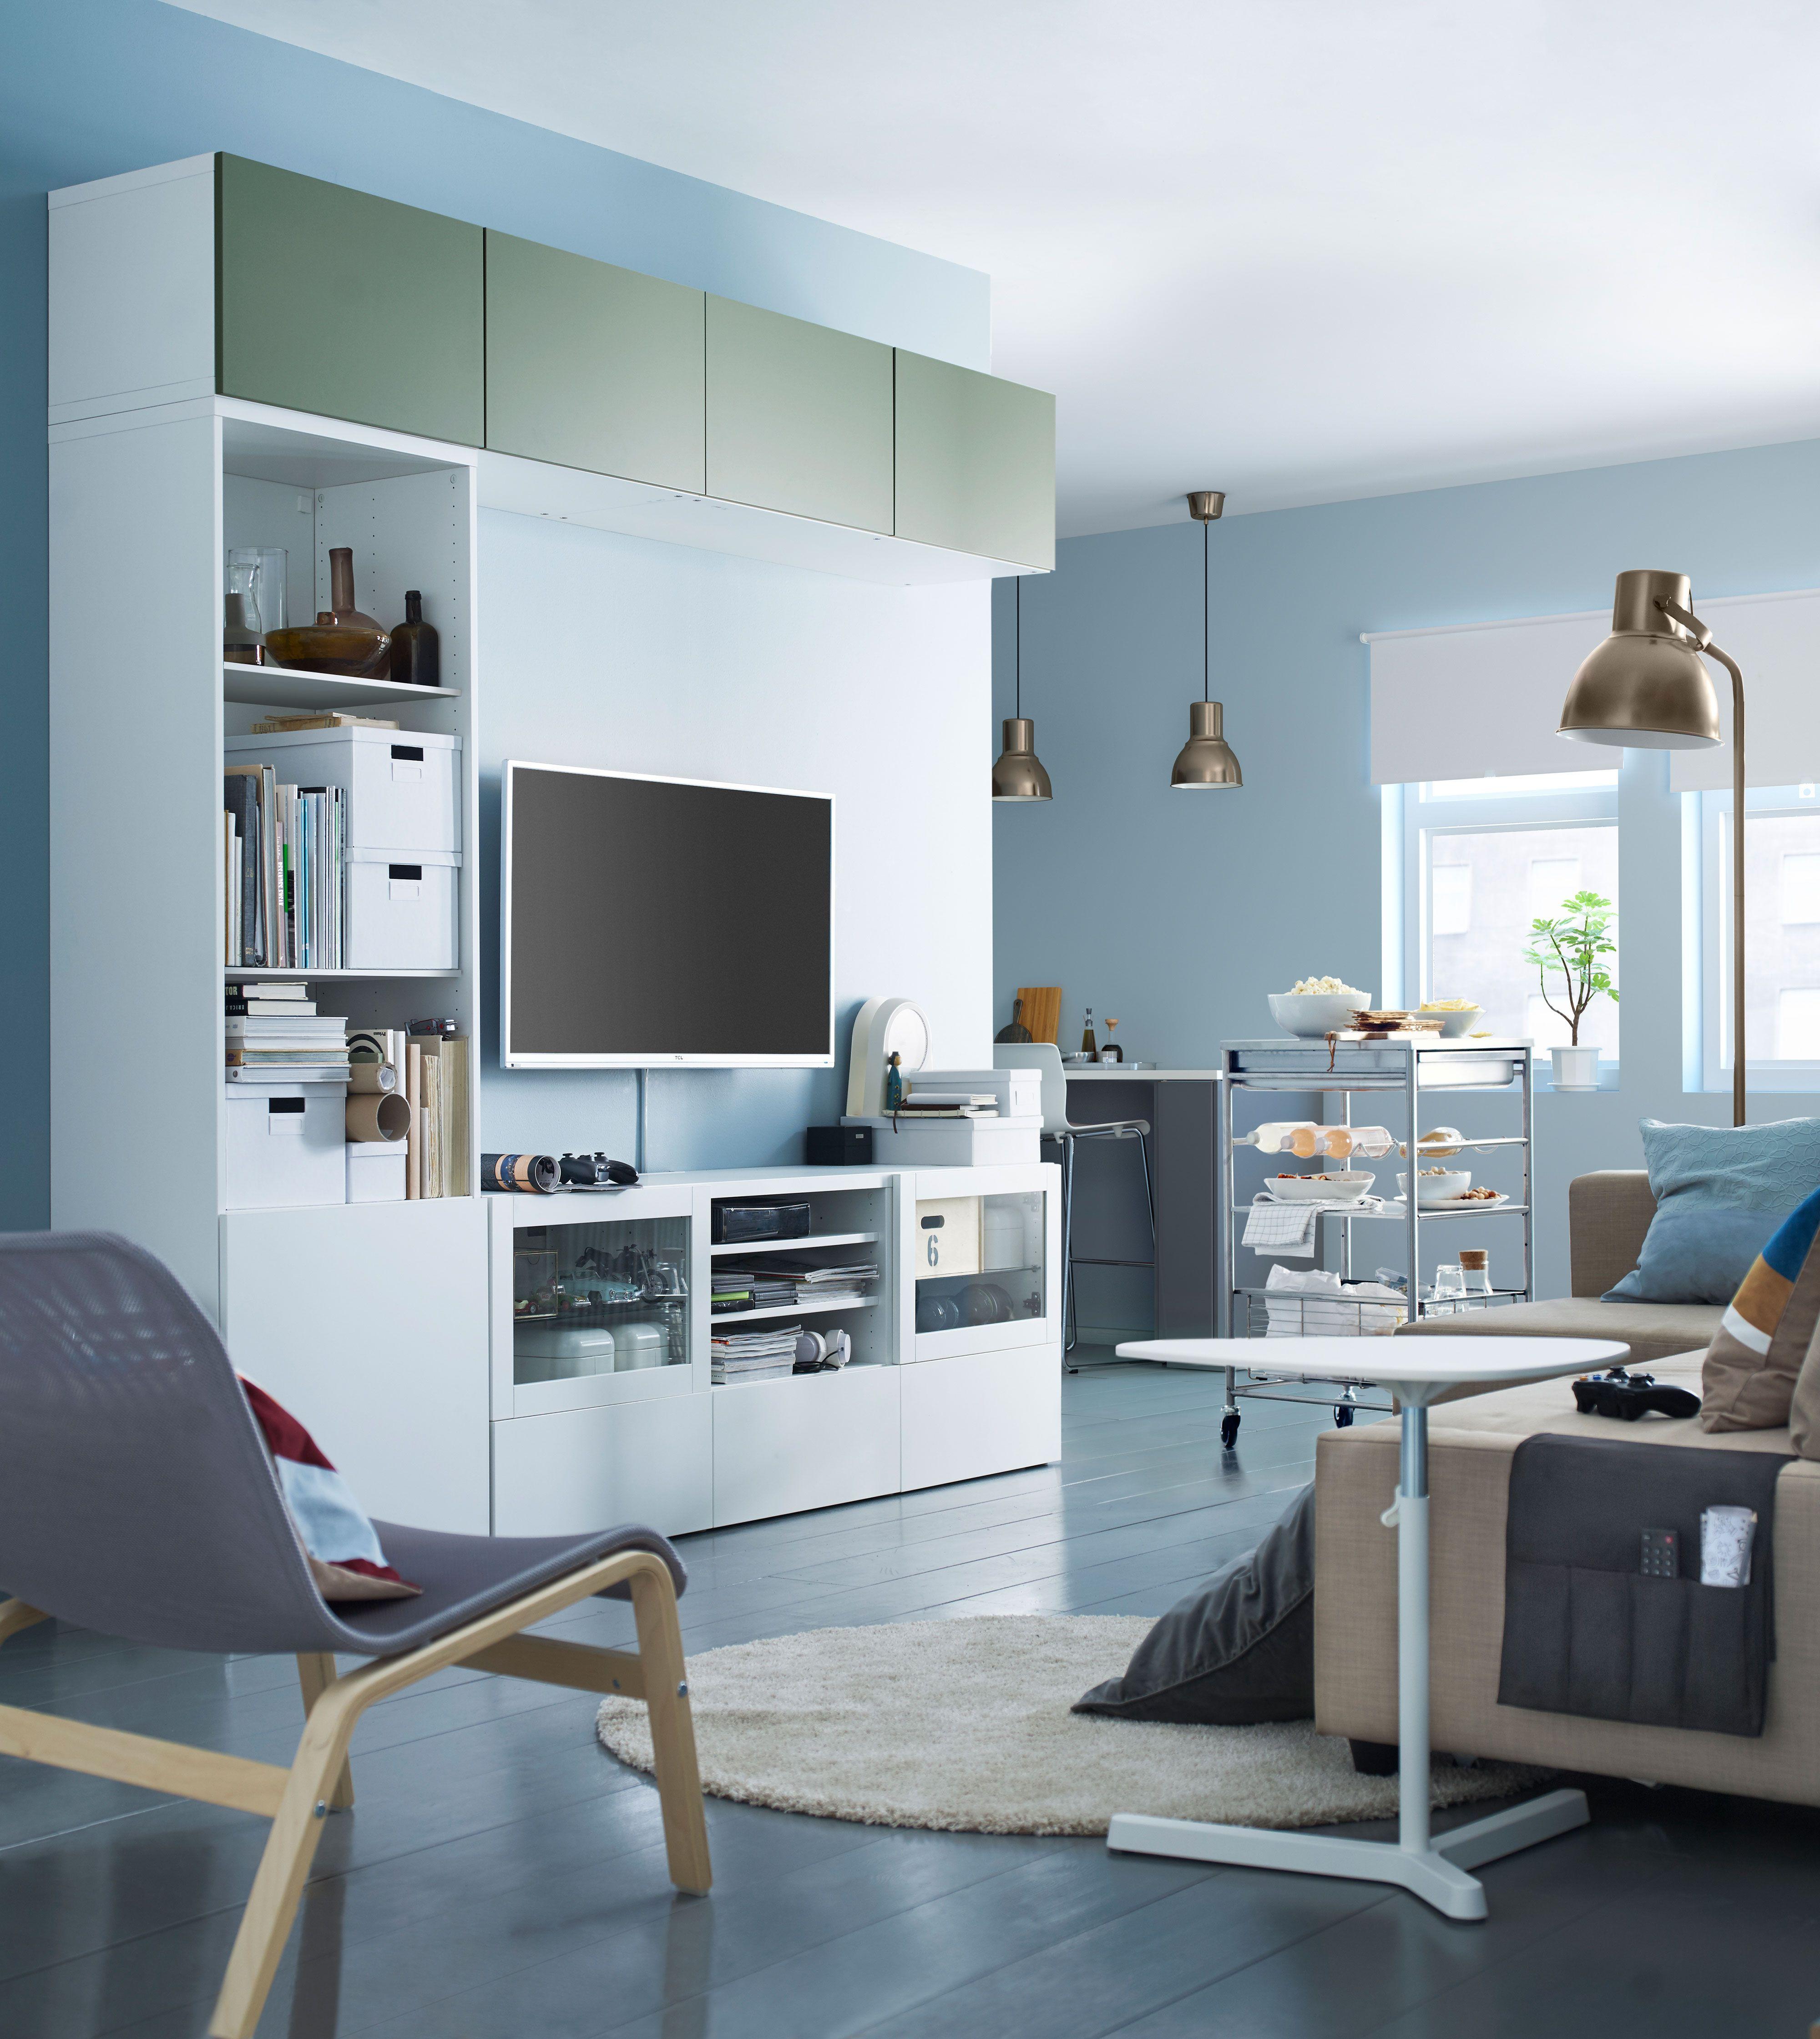 ikea wohnzimmer ph125989 wohnzimmer pinterest ikea wohnzimmer ikea und wohnzimmer. Black Bedroom Furniture Sets. Home Design Ideas